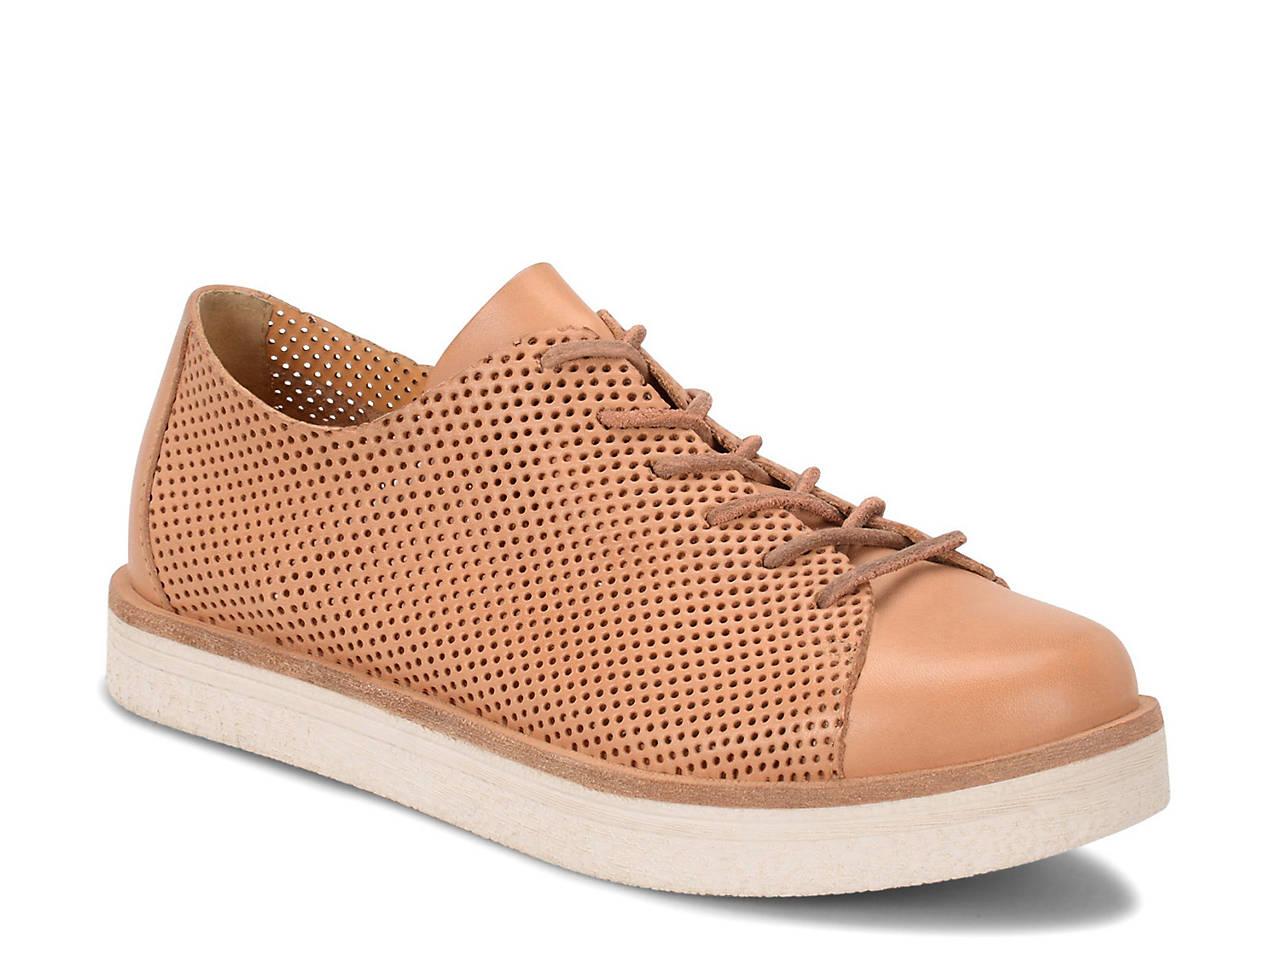 Kork-Ease Margeret Suede Perforated Sneakers cFlOf9oPr5